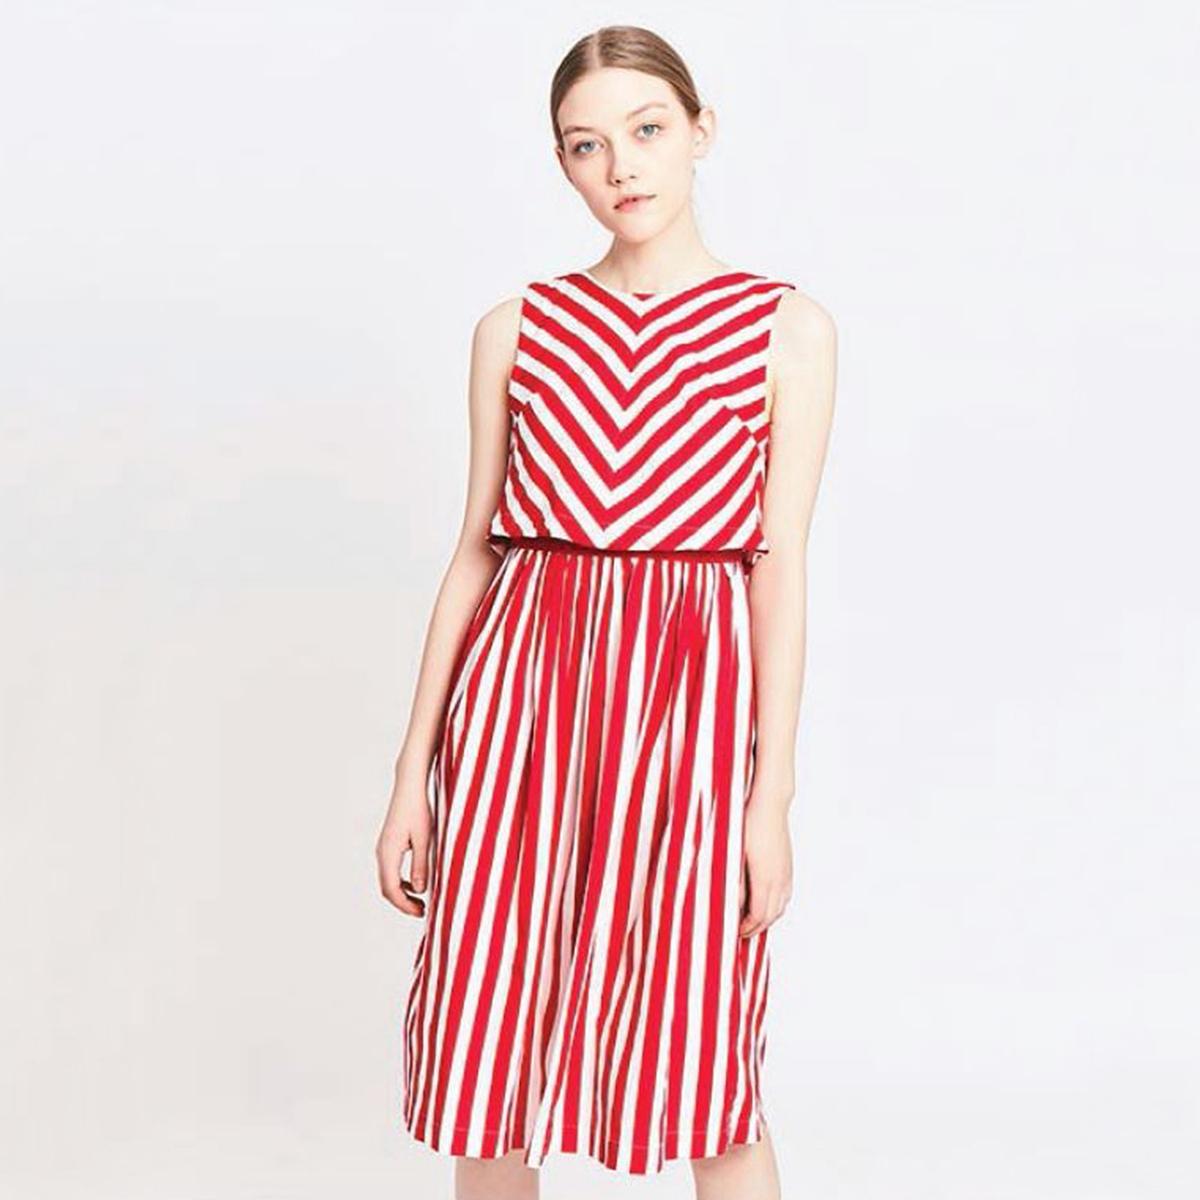 Платье в полоску, длина до коленМатериал : 100% хлопок  Длина рукава : без рукавов  Форма воротника : круглый вырез Покрой платья : расклешенное платье Рисунок : в полоску   Длина платья : до колен<br><br>Цвет: в полоску красный/белый<br>Размер: S